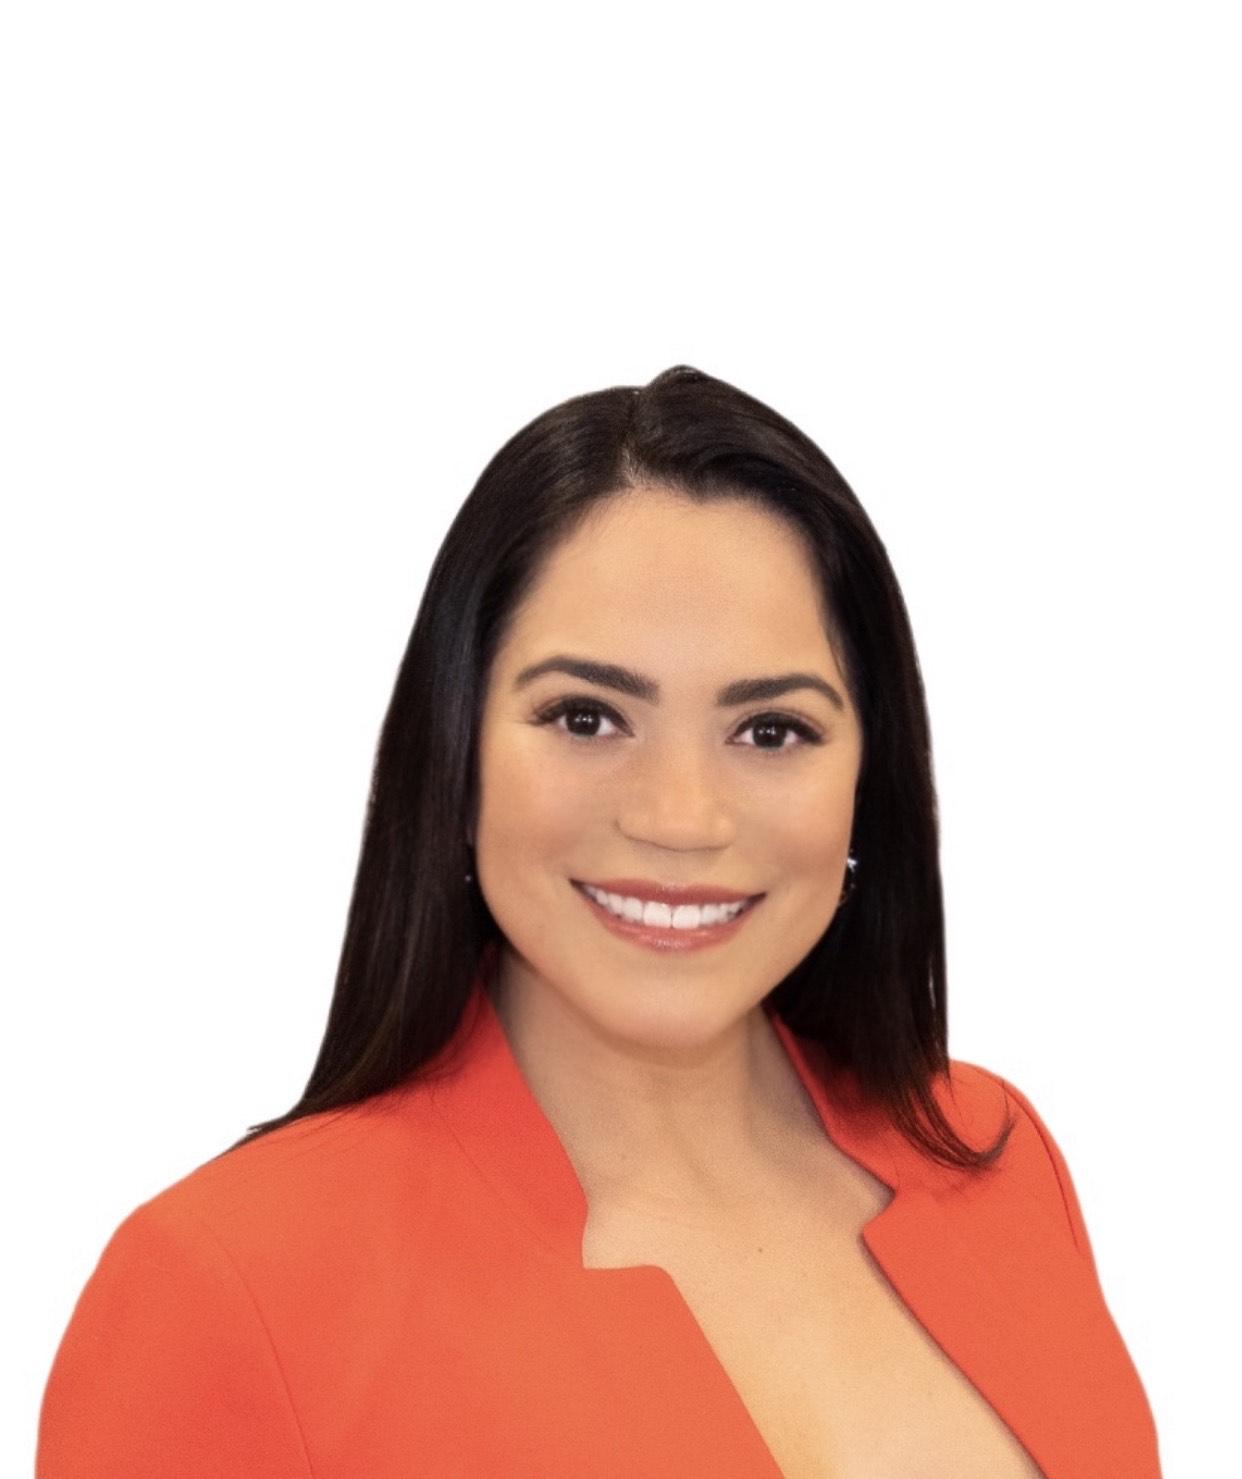 Paola Escalona